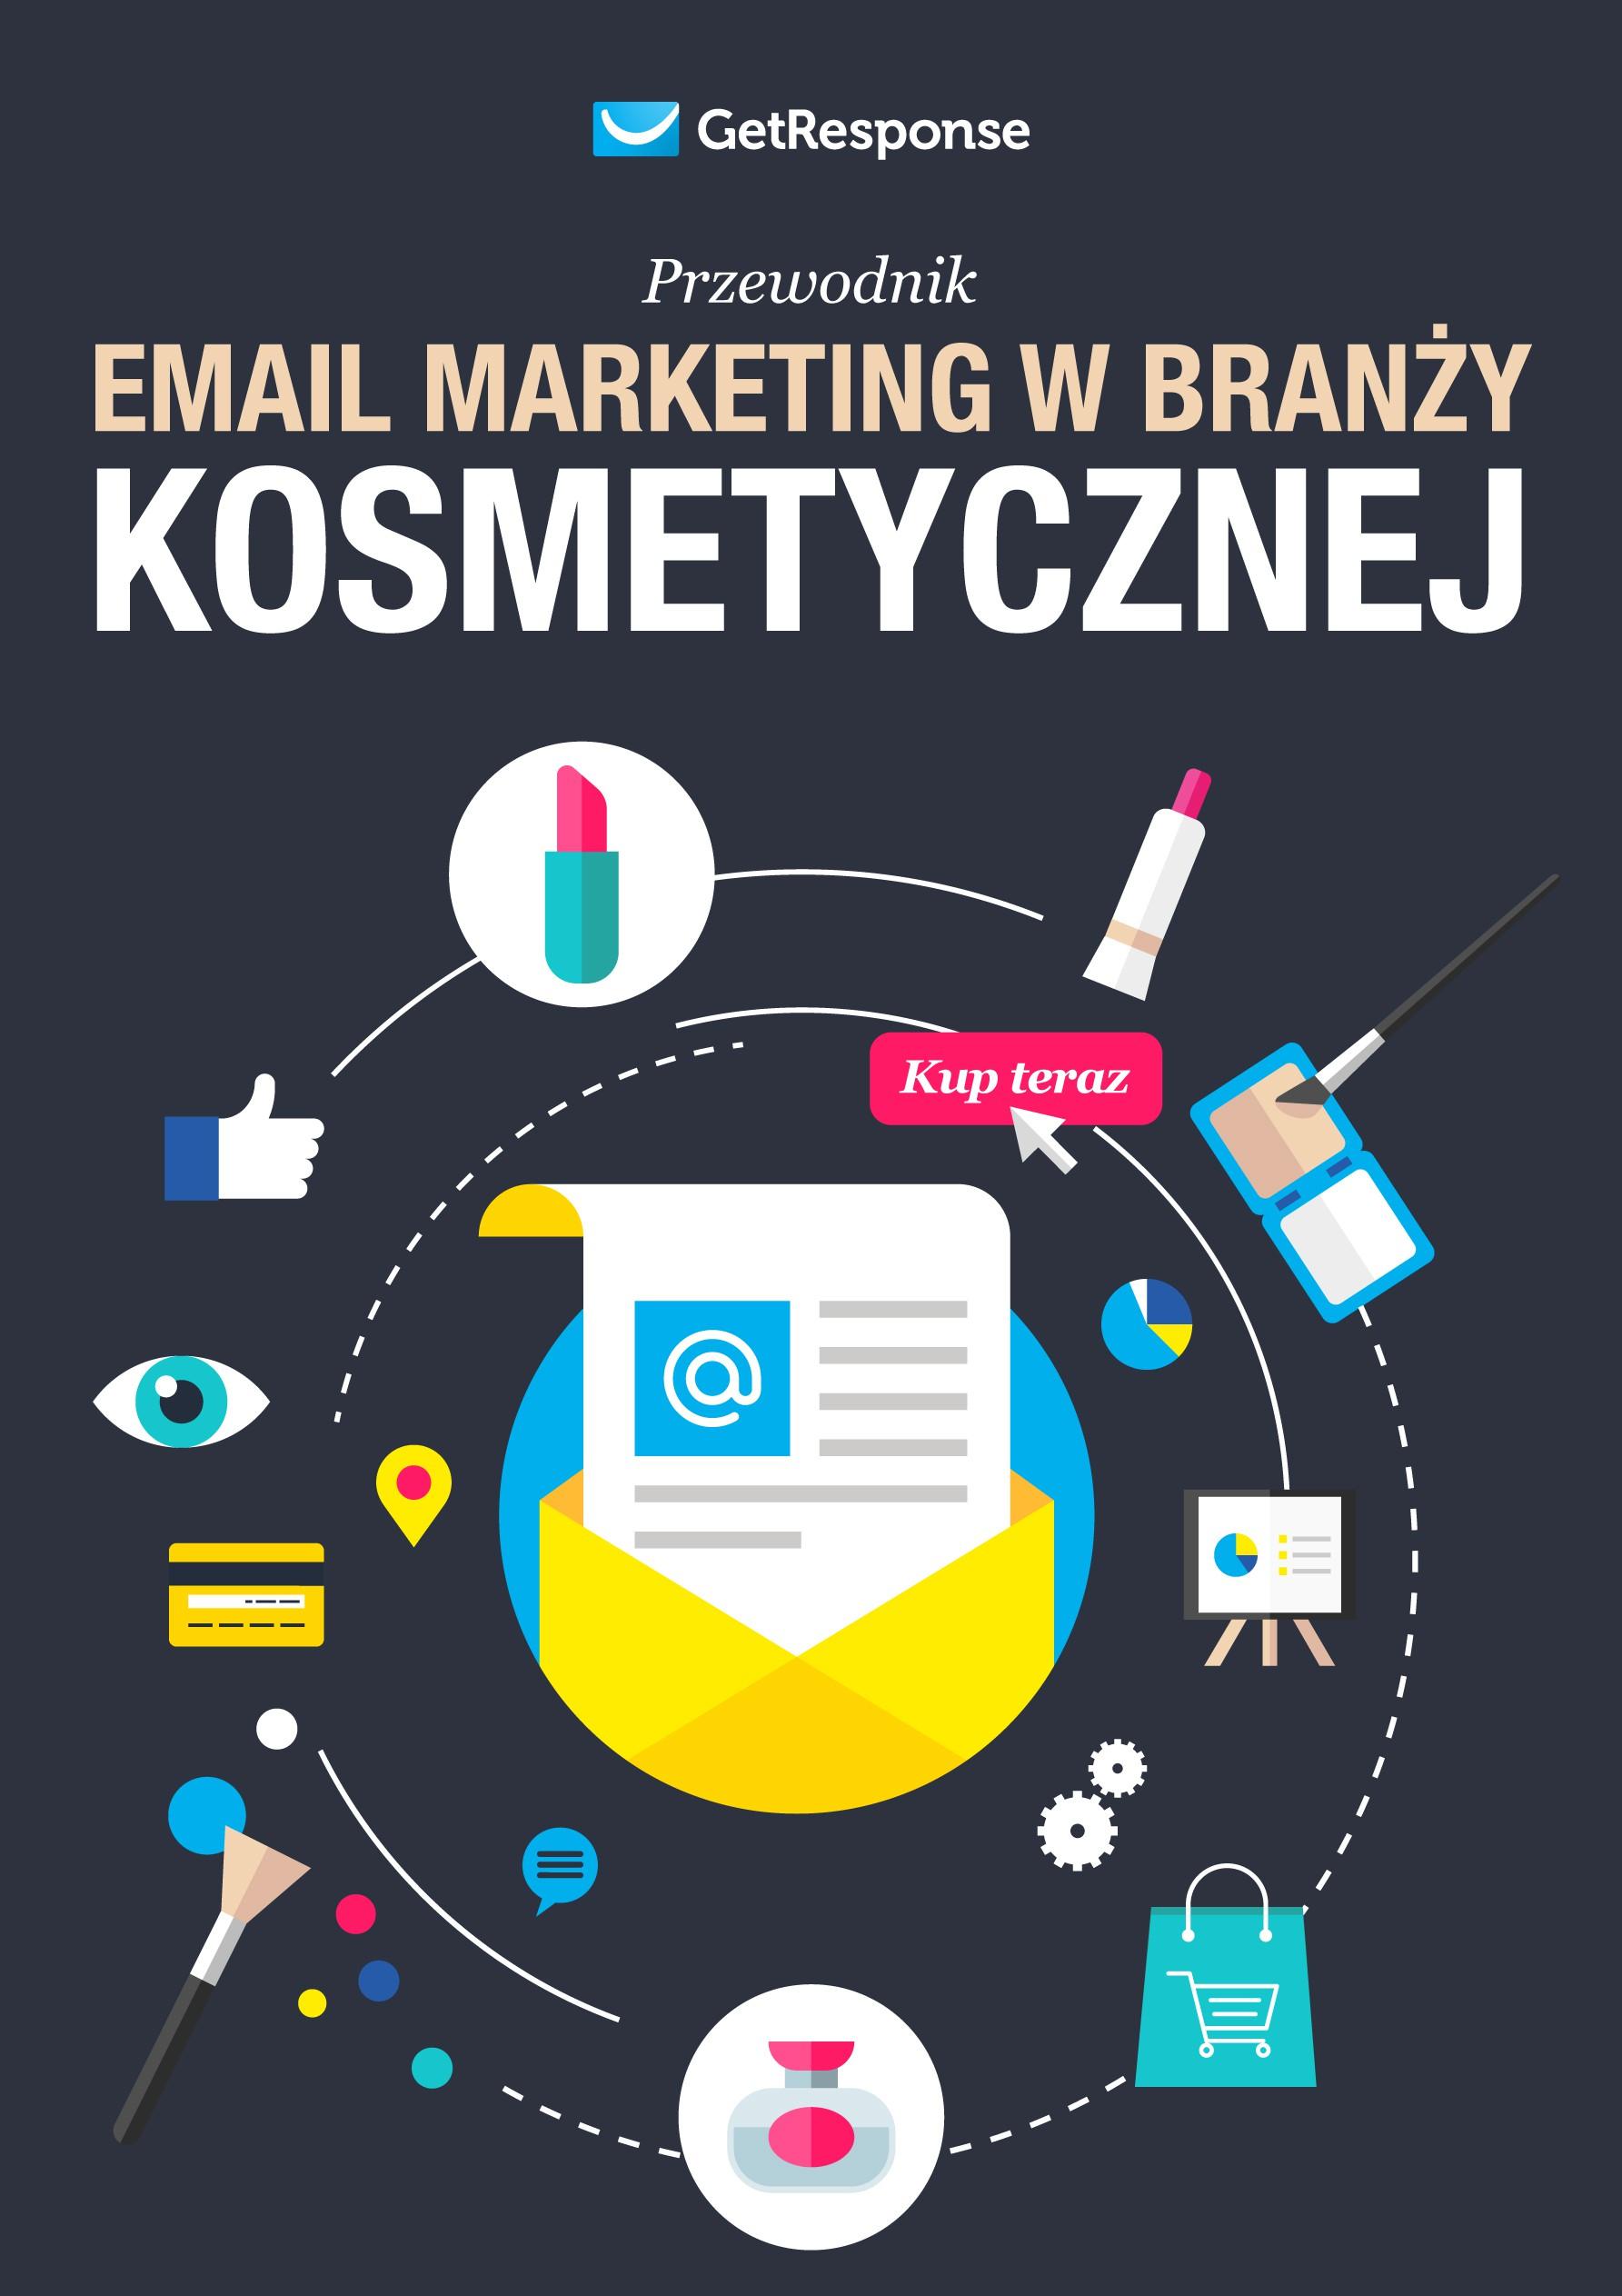 email marketing w branzy kosmetycznej